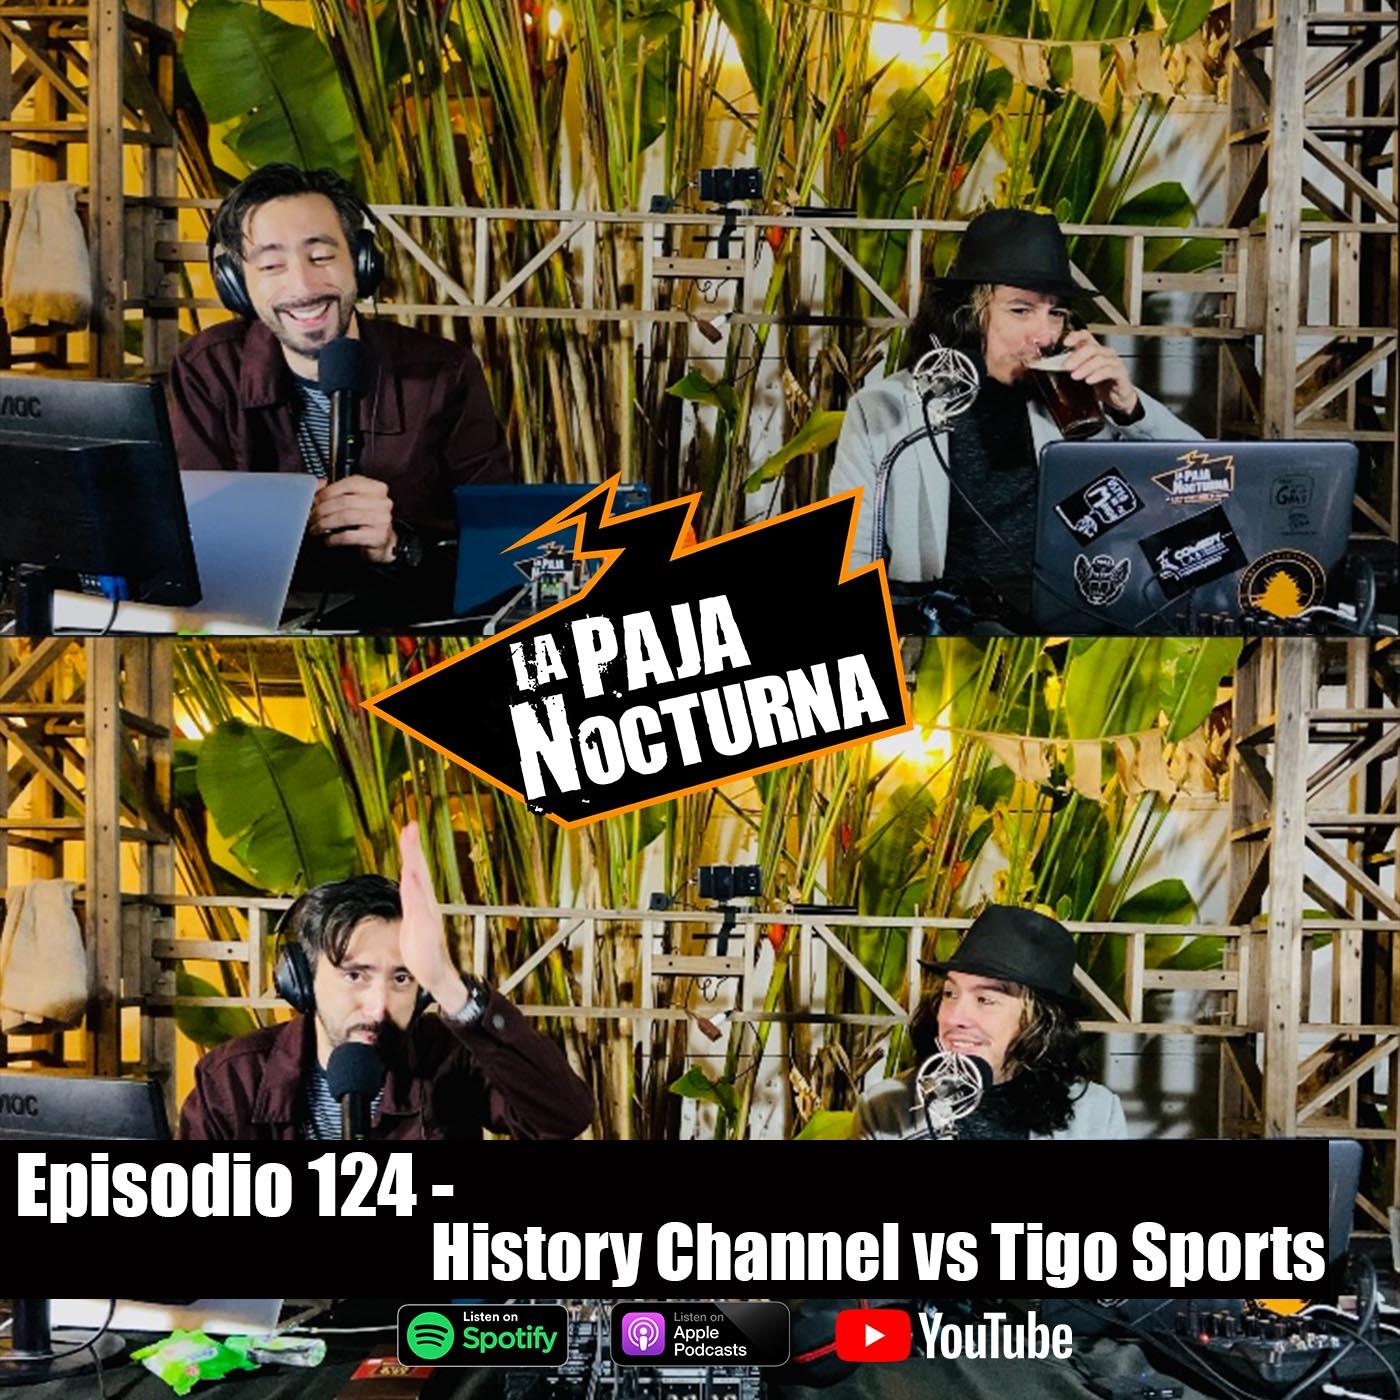 La paja nocturna podcast Episodio 124